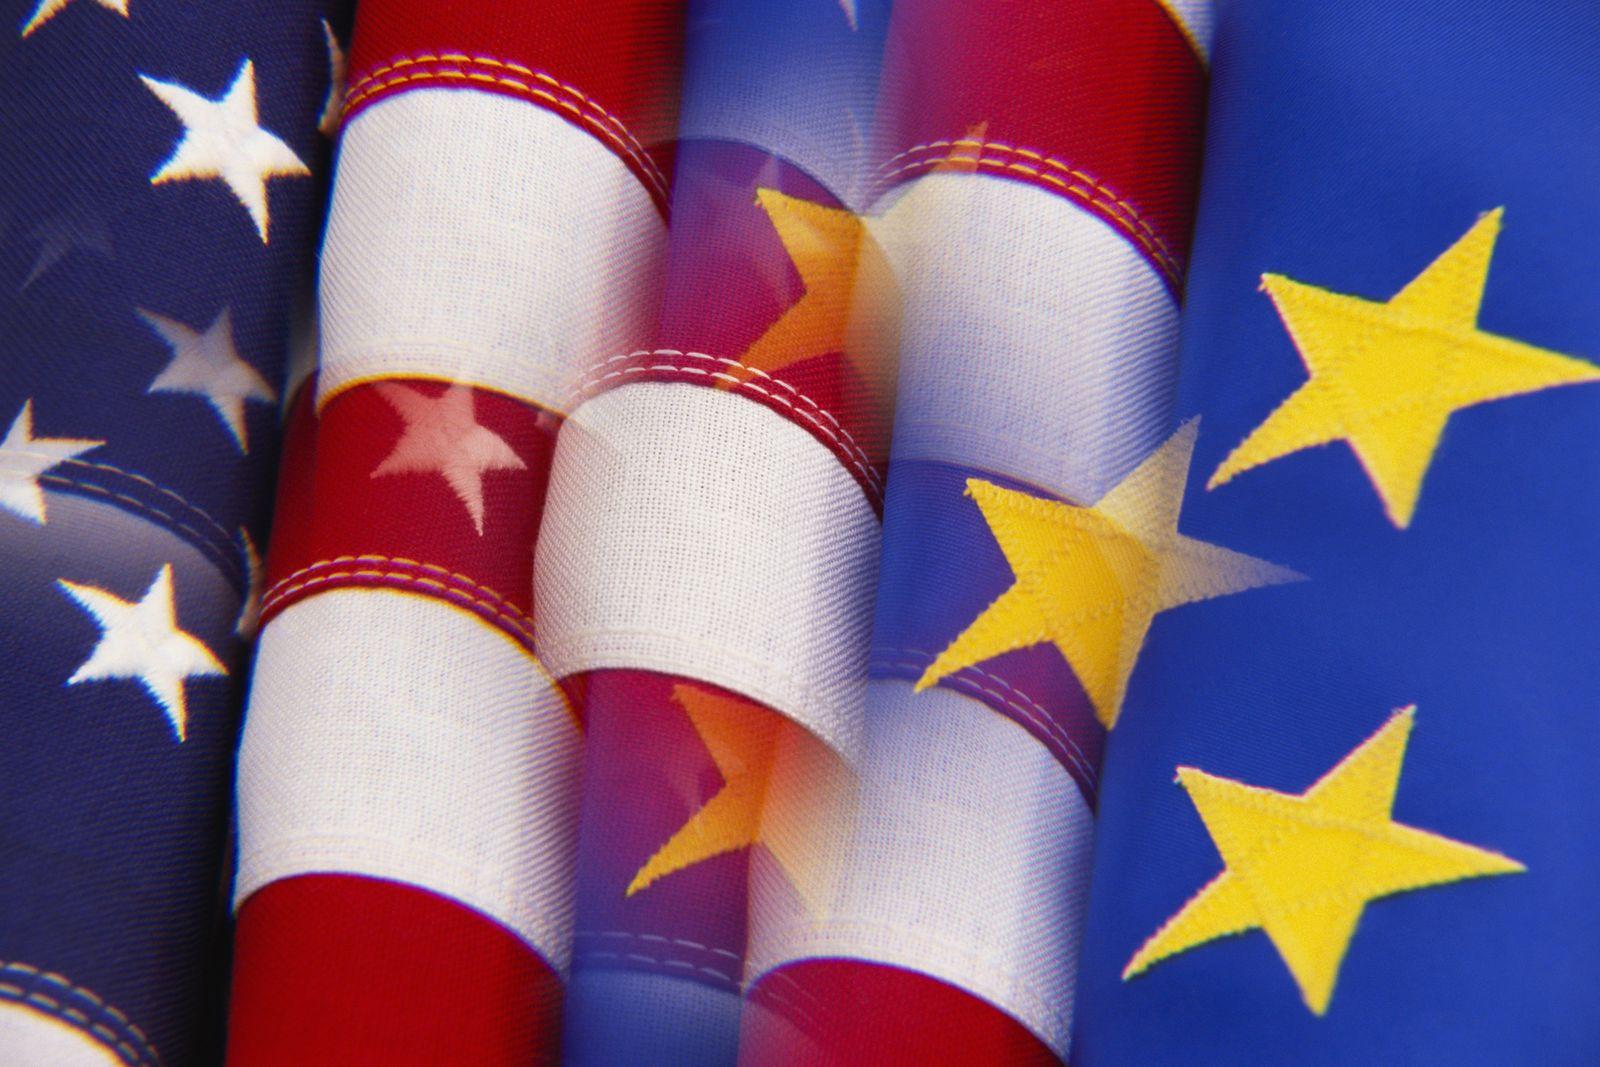 NICHT MEHR VERWENDEN! - EU - USA / Flagge / Symbol